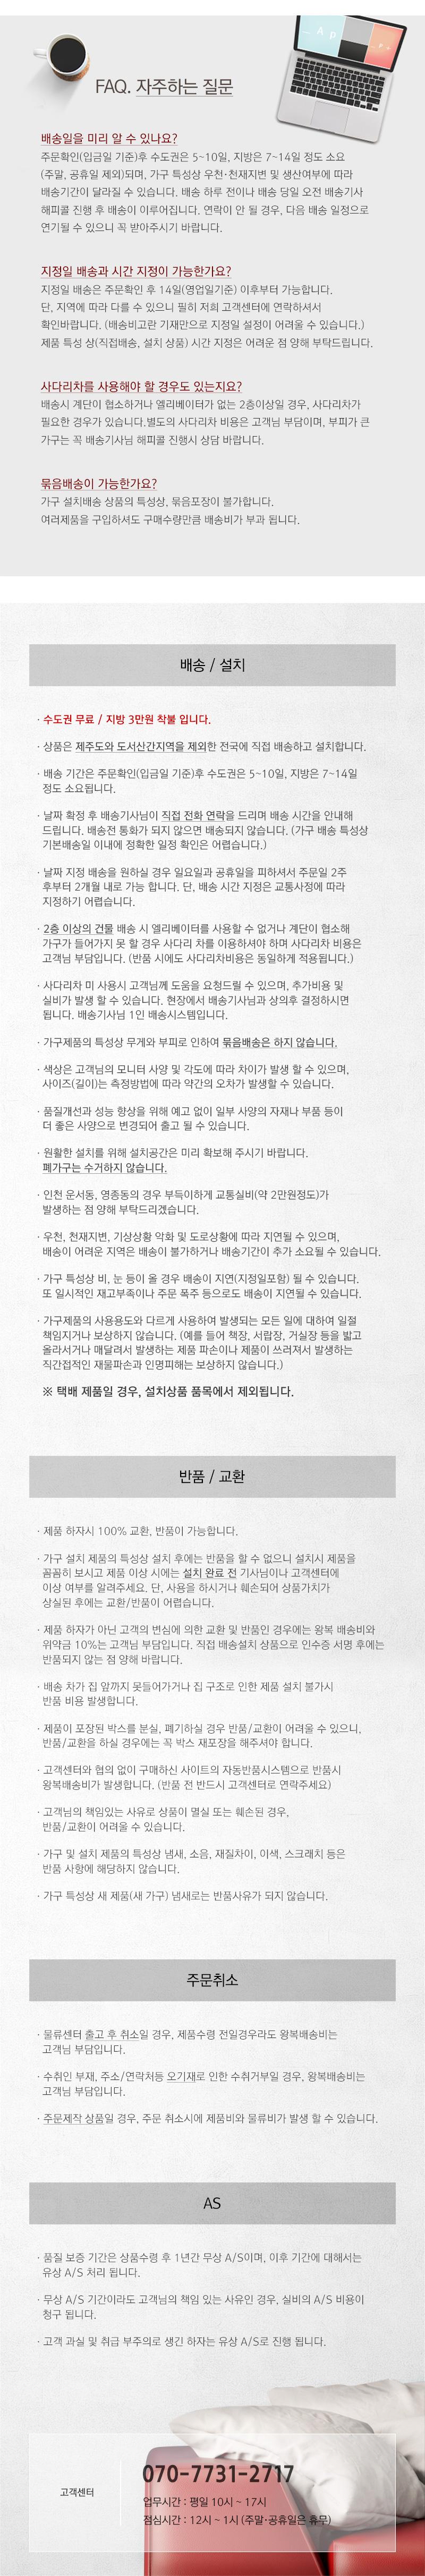 살루테 원목 3단 와이드 서랍장 - 인우드, 476,900원, 협탁/서랍장, 와이드체스트